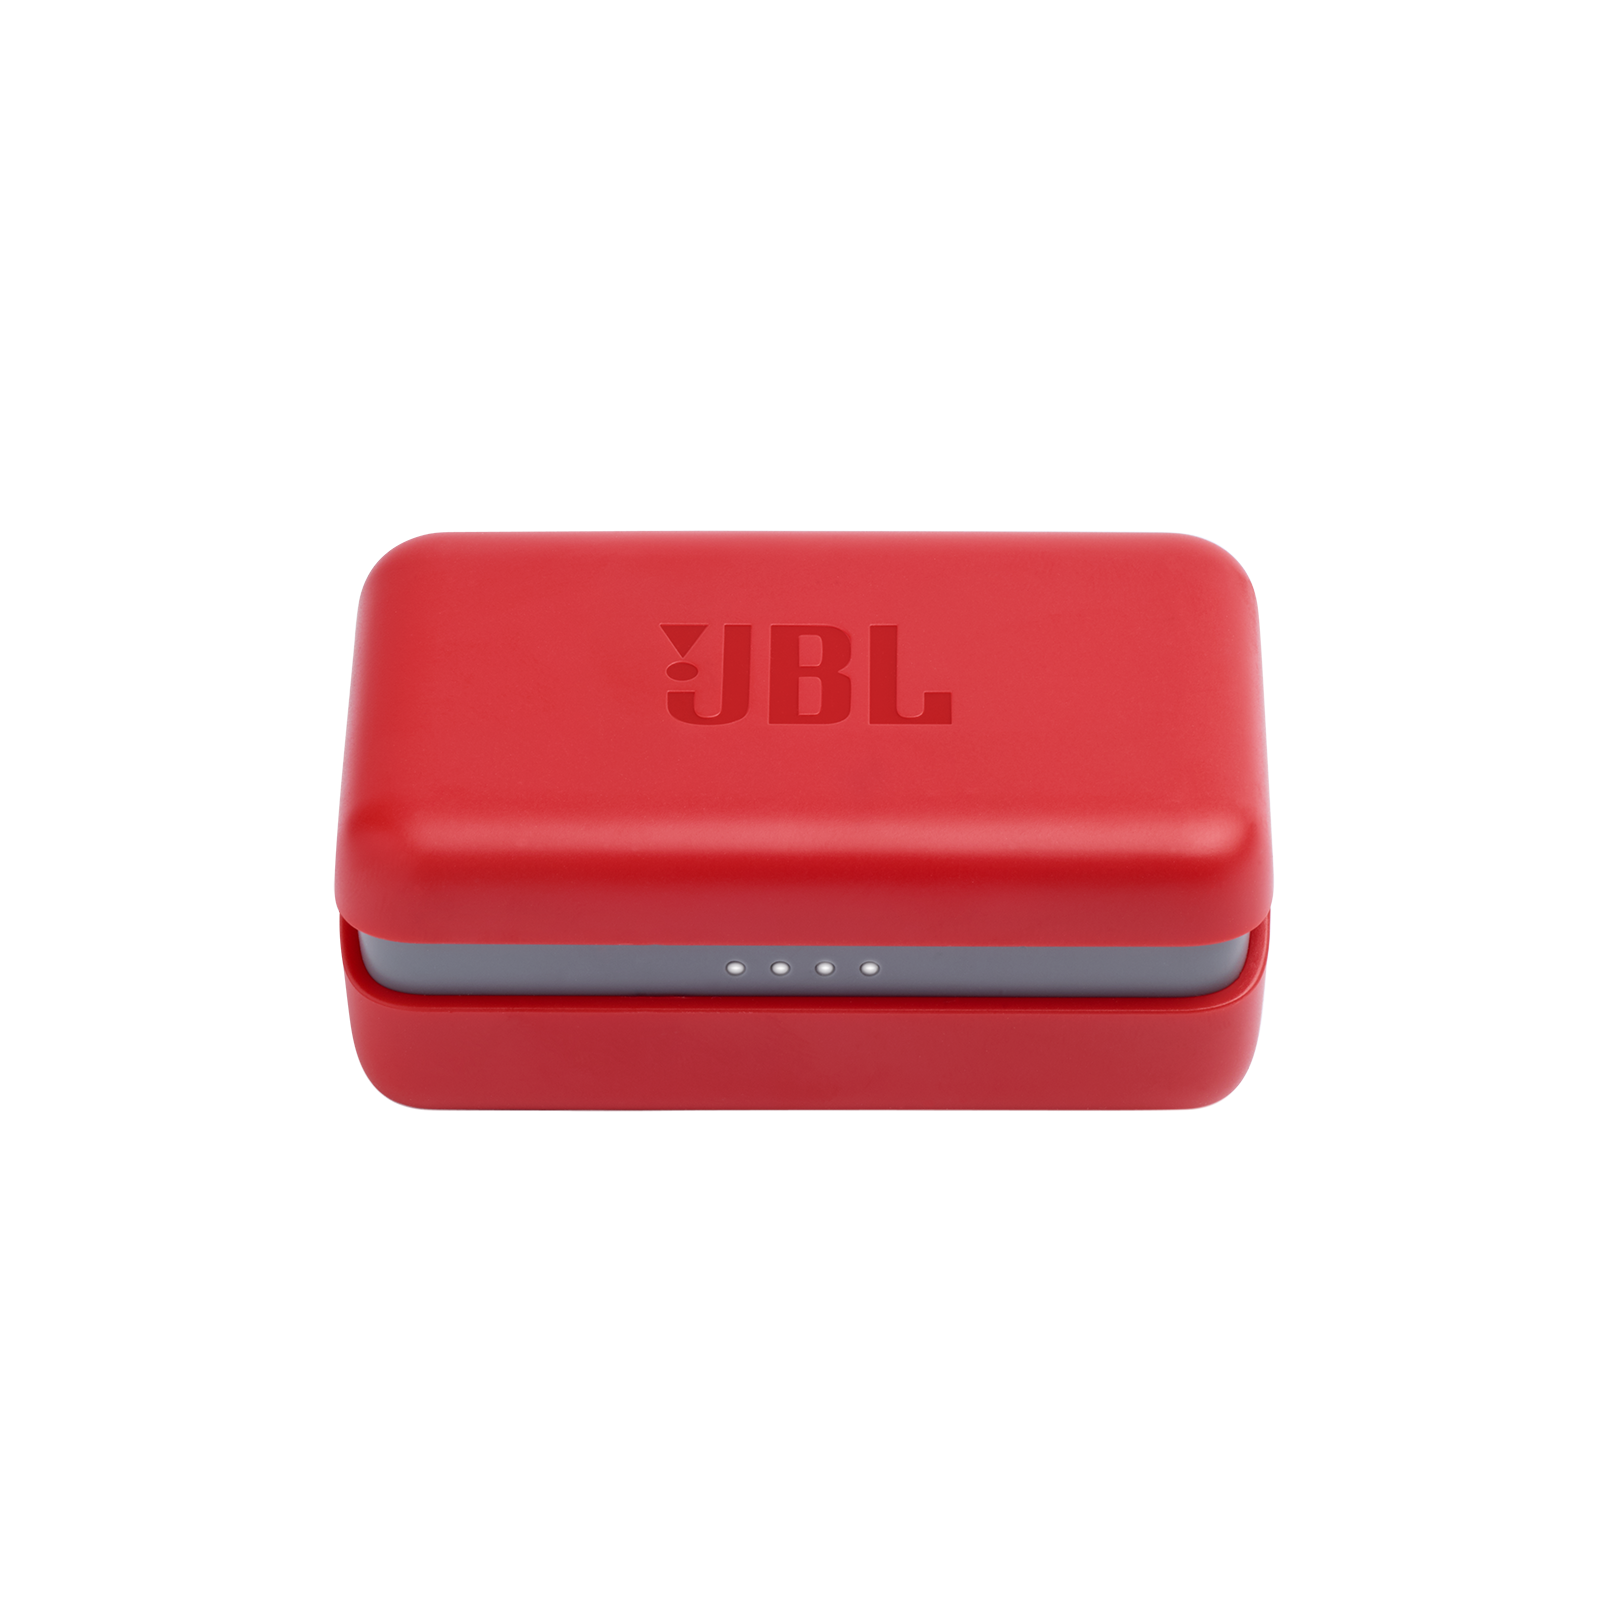 JBL Endurance PEAK - Red - Waterproof True Wireless In-Ear Sport Headphones - Detailshot 5